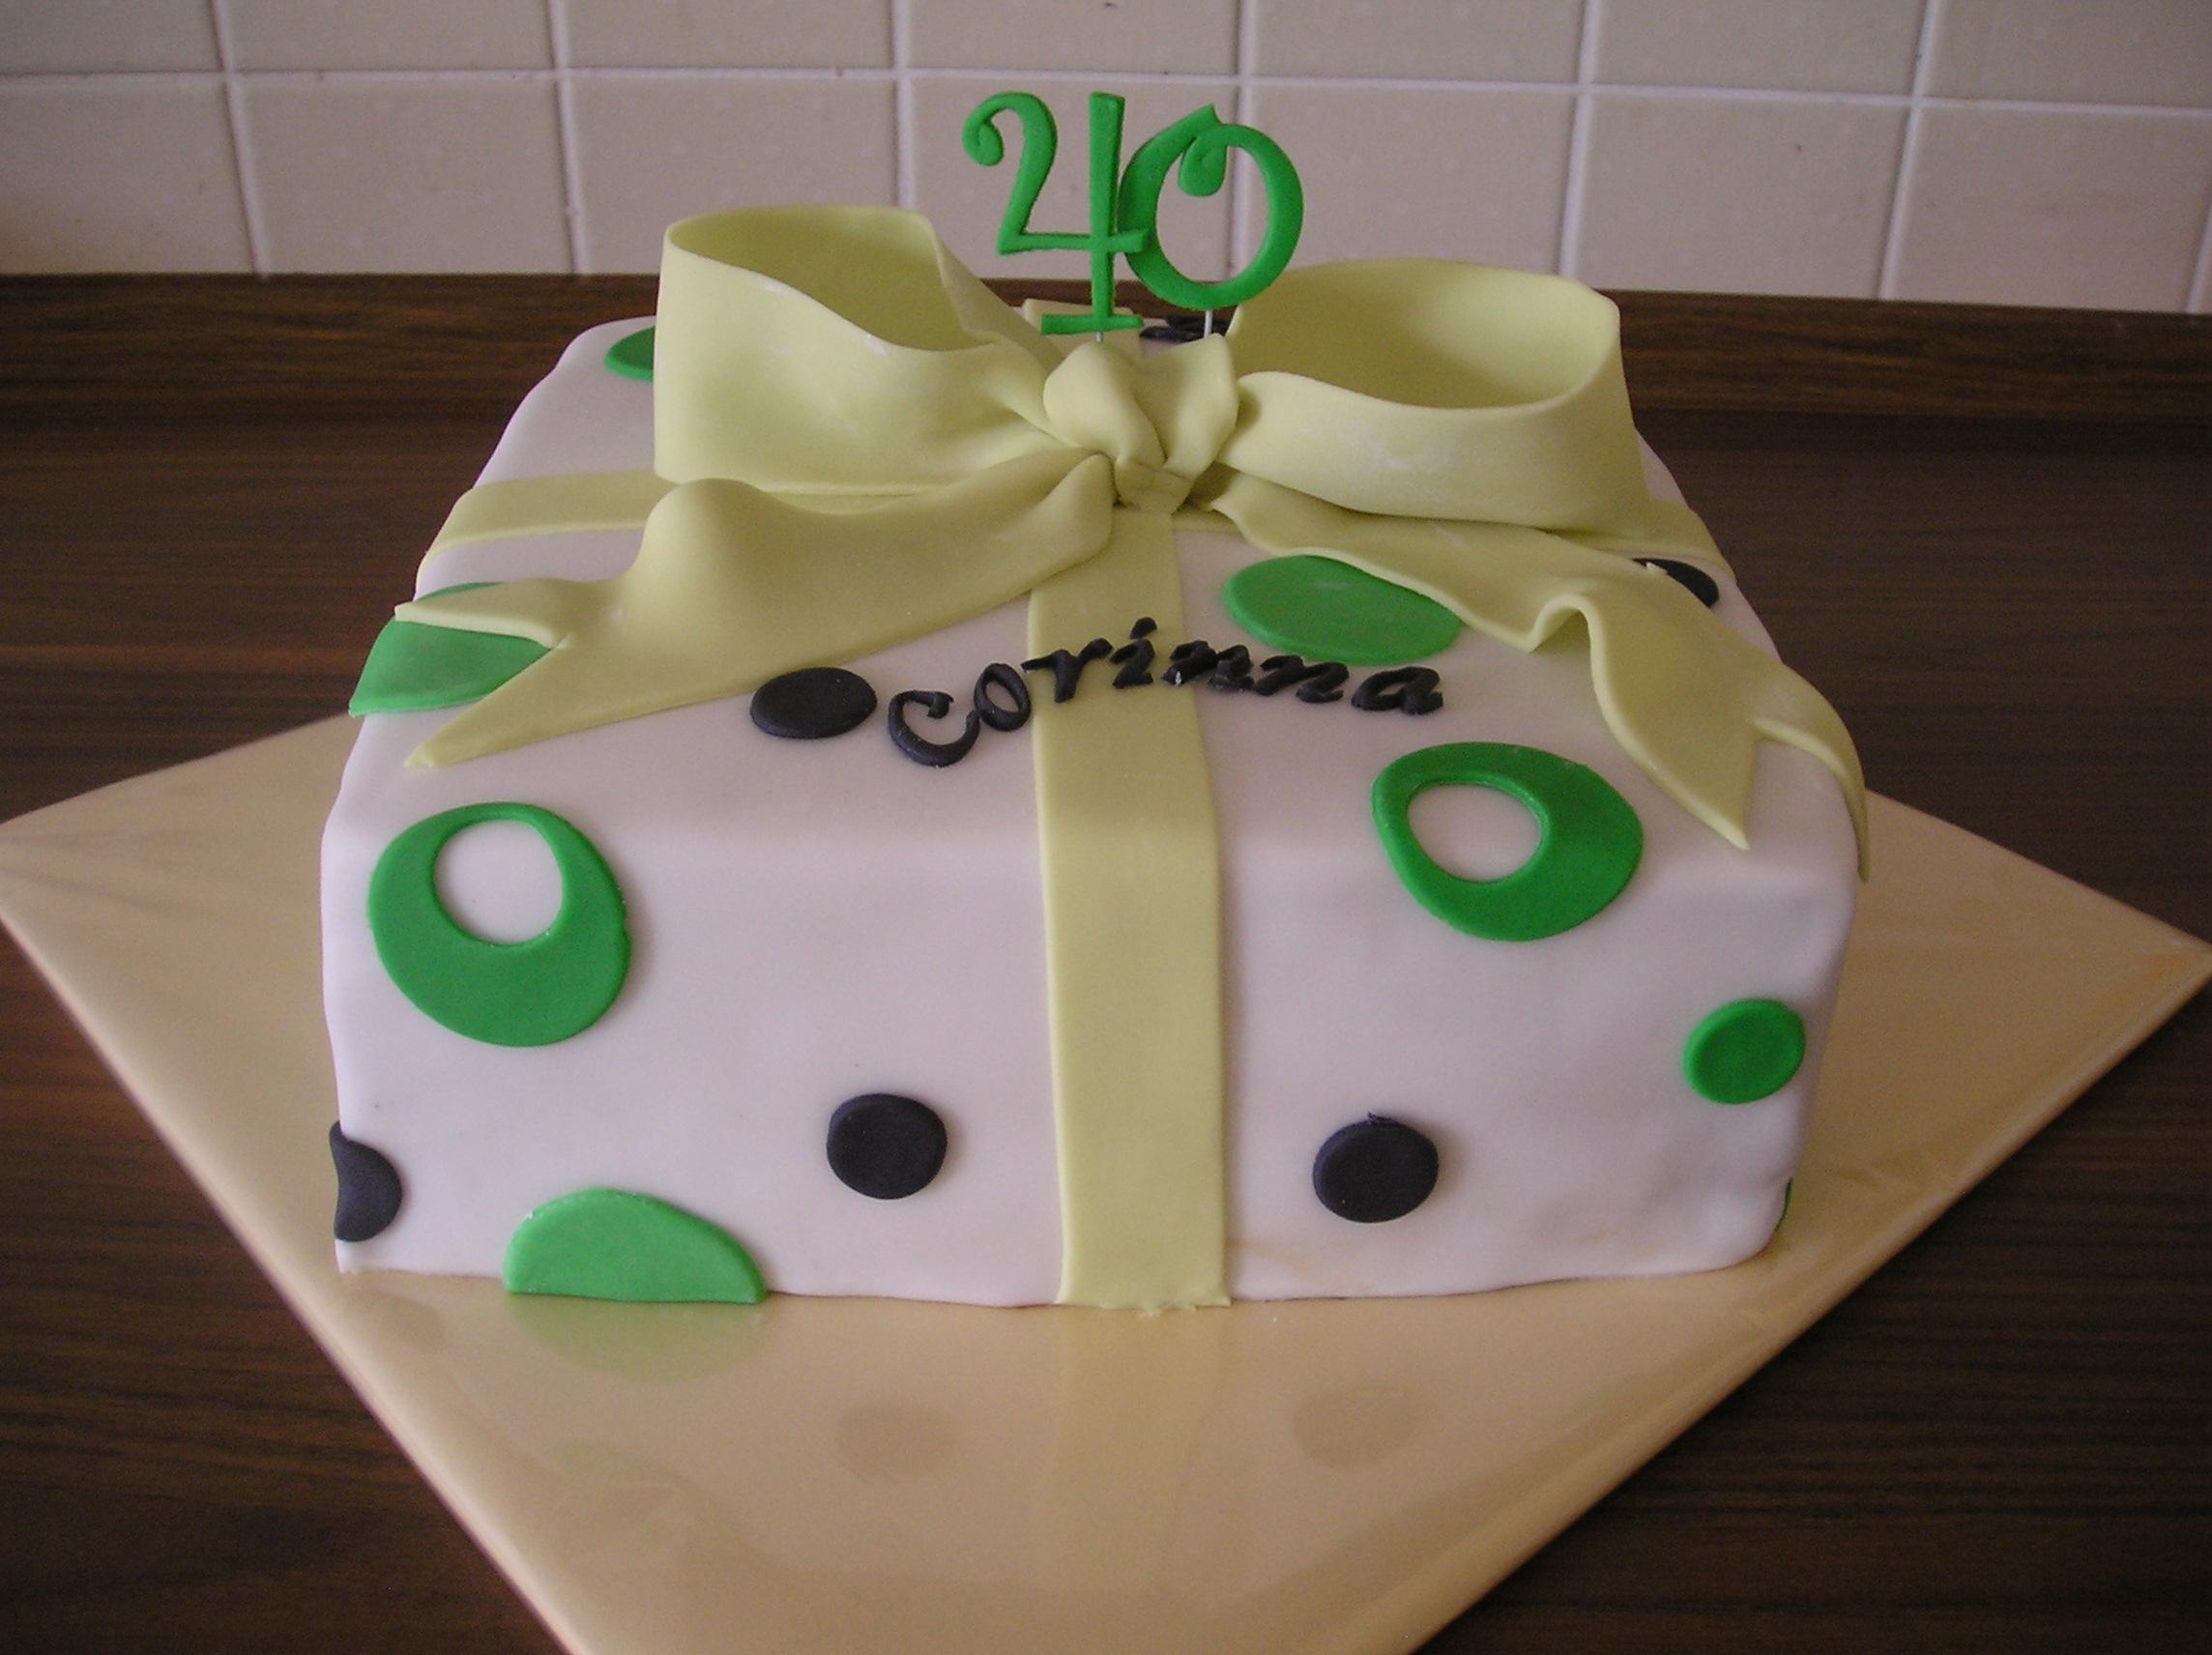 geburtstag erwachsene geschenk torte zum 40 geburtstag. Black Bedroom Furniture Sets. Home Design Ideas